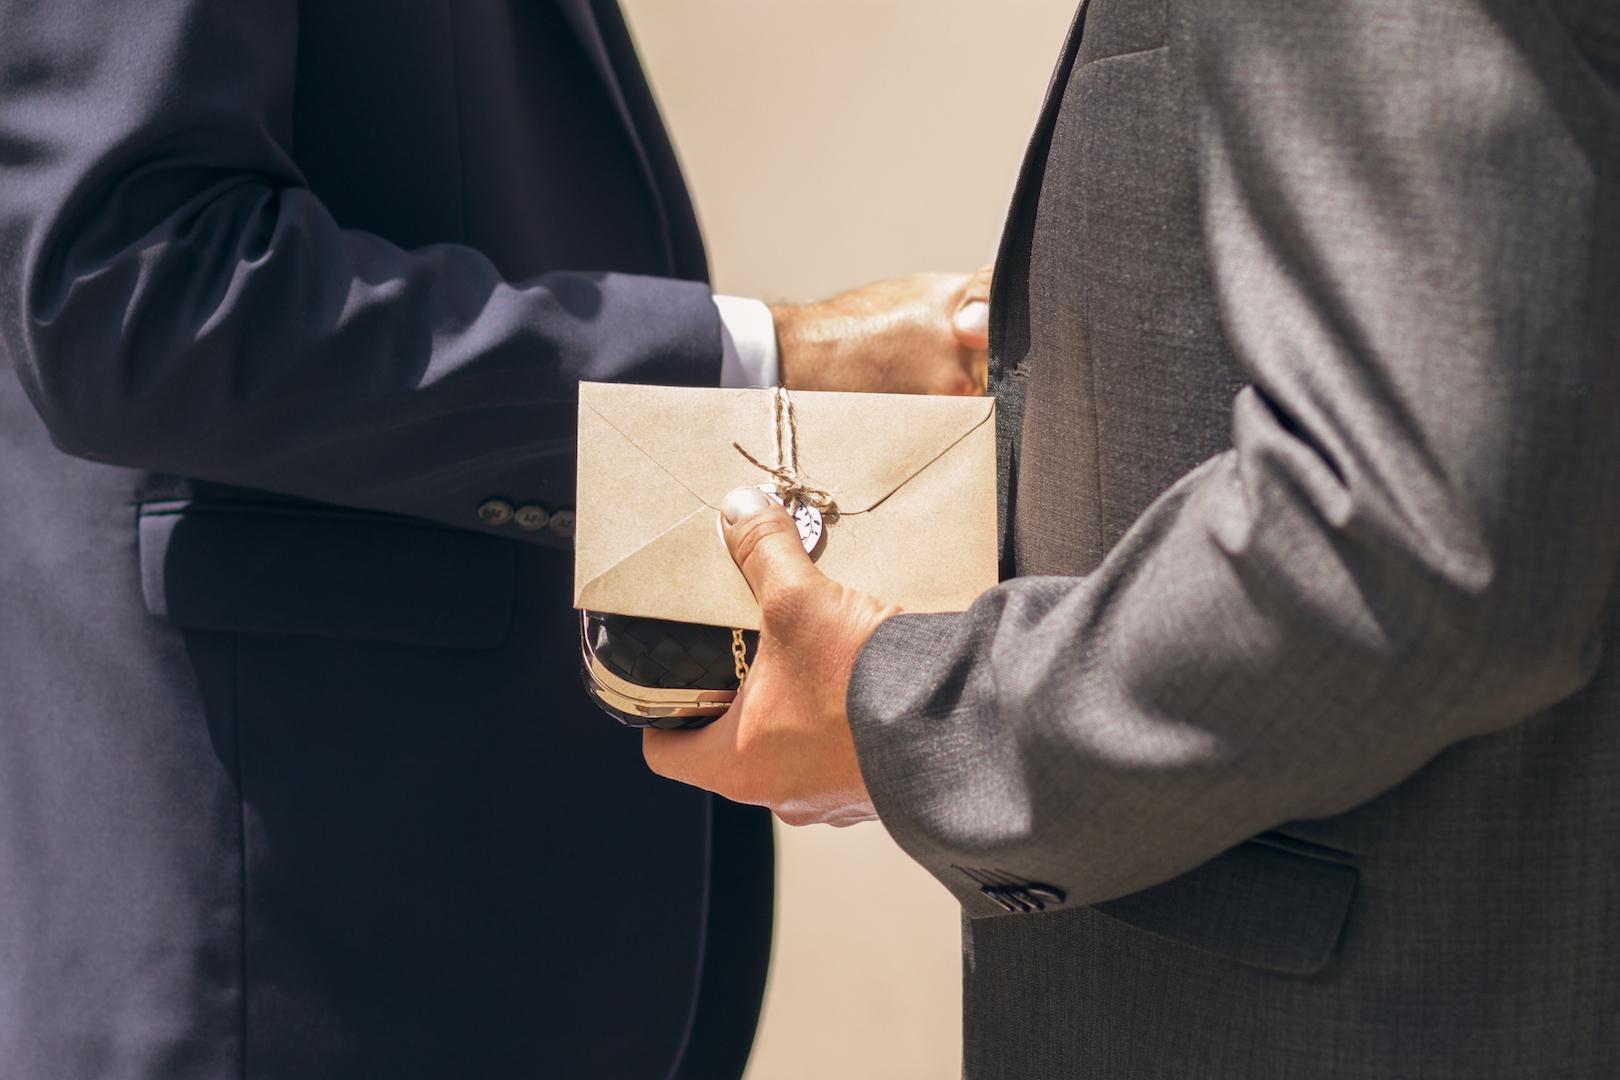 klady datování rozvedeného muže